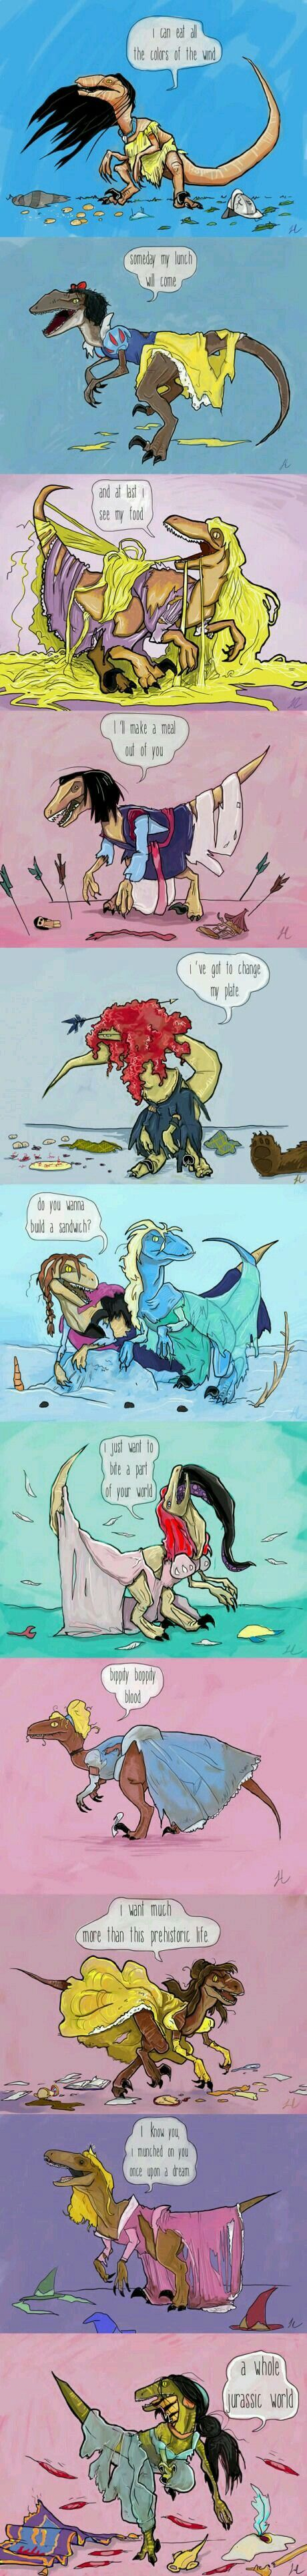 Velicaraptos as Disney Princesses